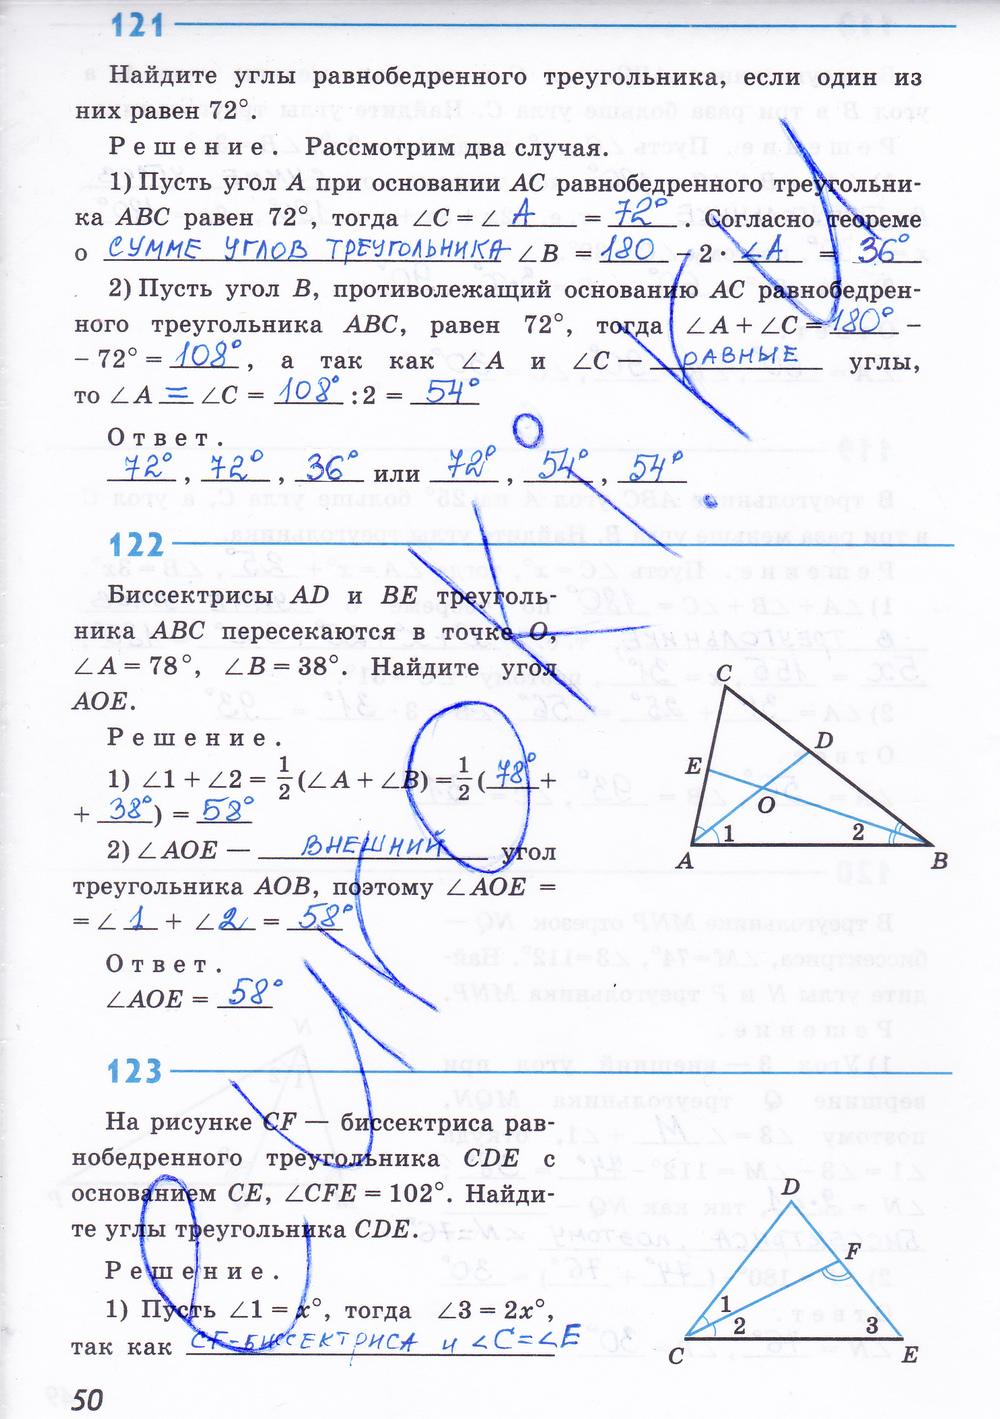 Решебник по геометрии 7 класса в беларуси